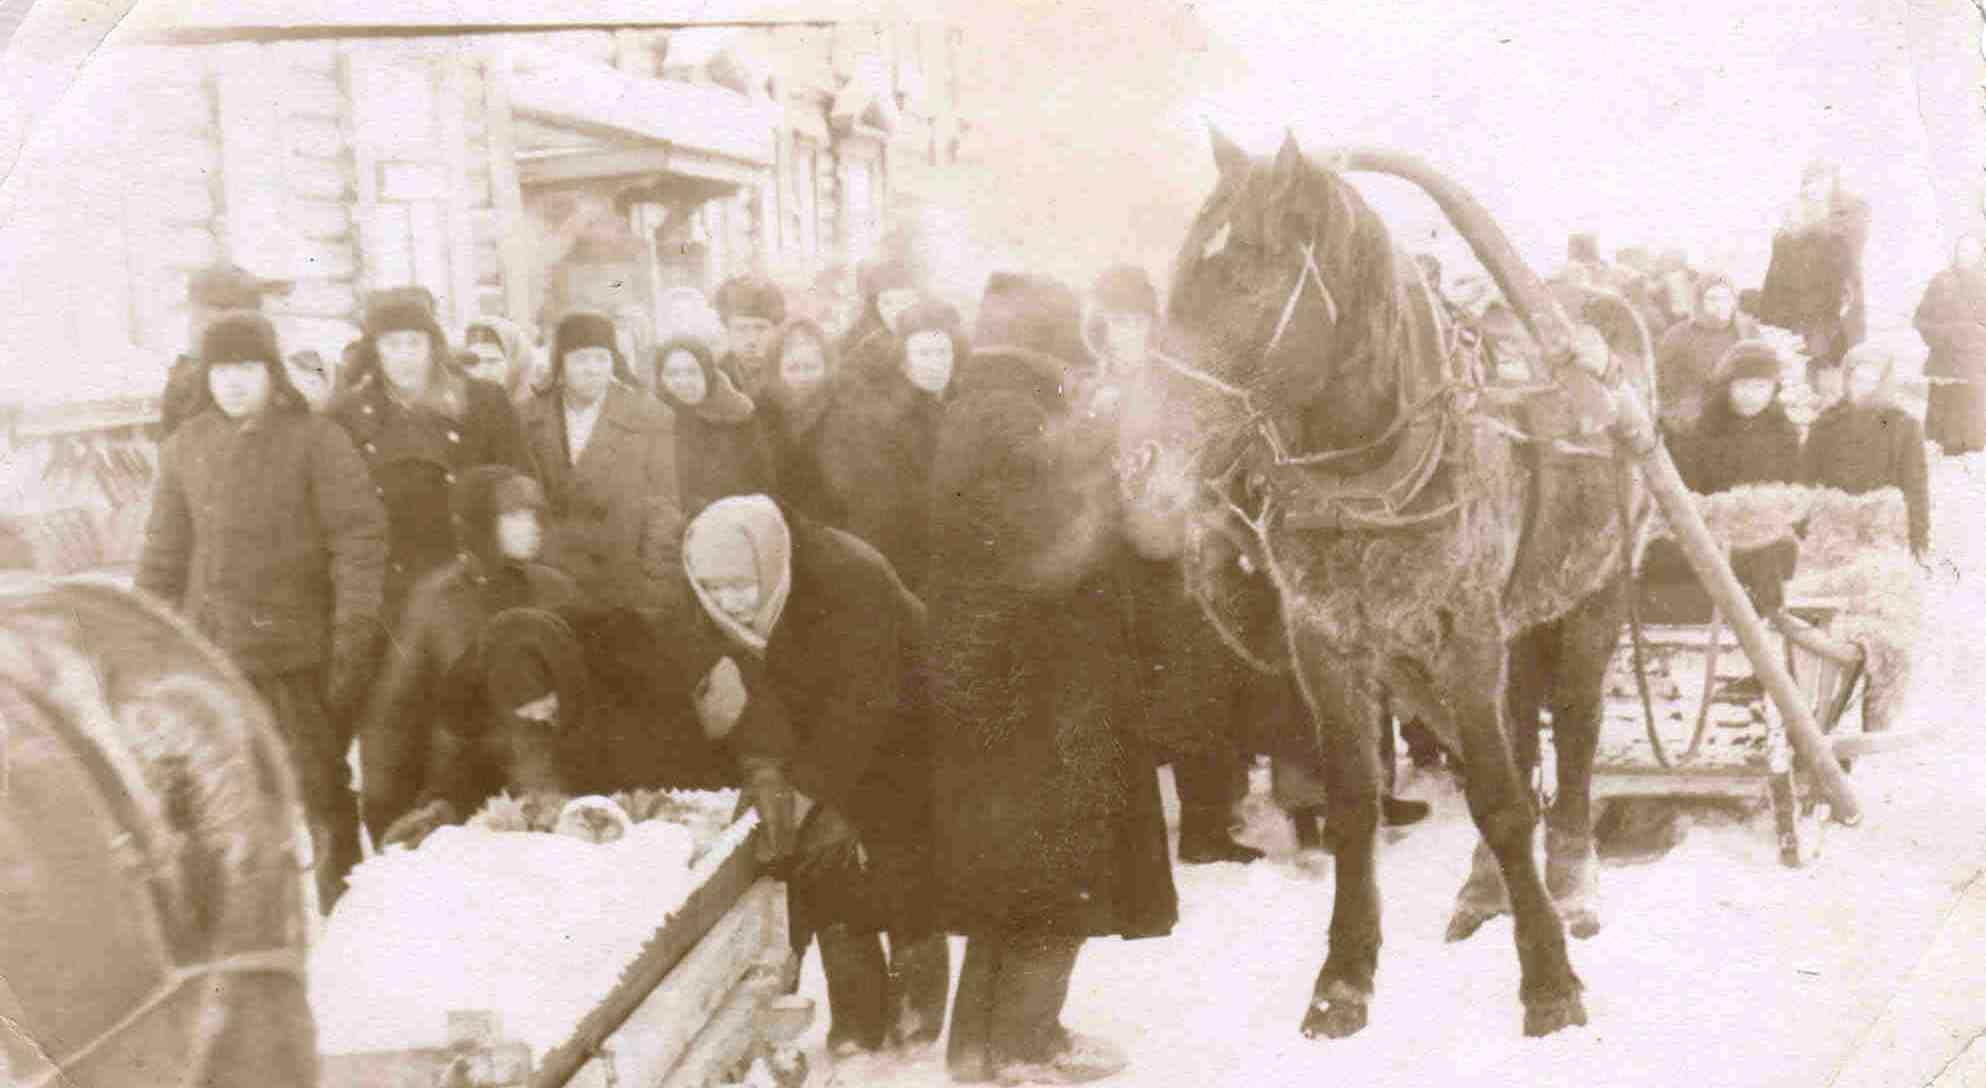 ст.Урдома, ул.Гагарина. Похороны тоже были на лошадях.